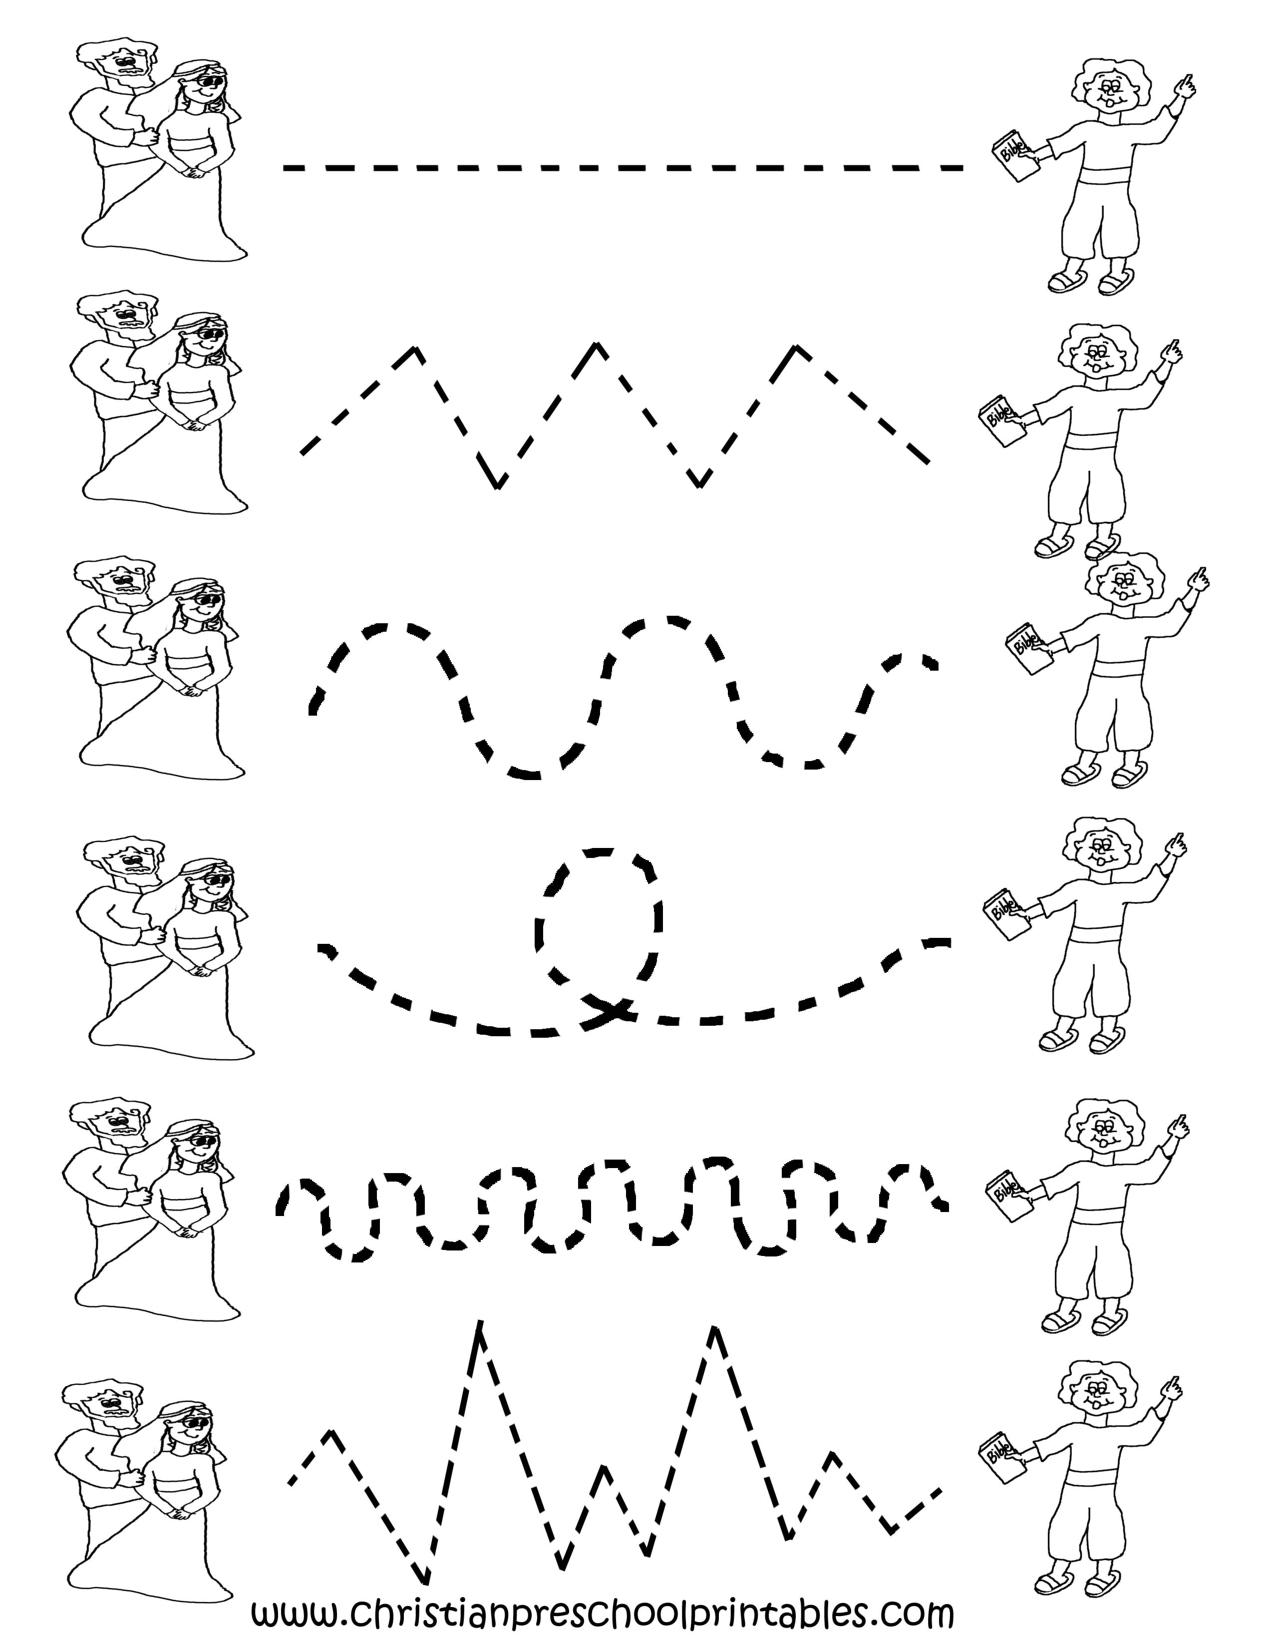 Free Printable Worksheets For Preschool   Preschool Tracing - Free Printable Tracing Worksheets